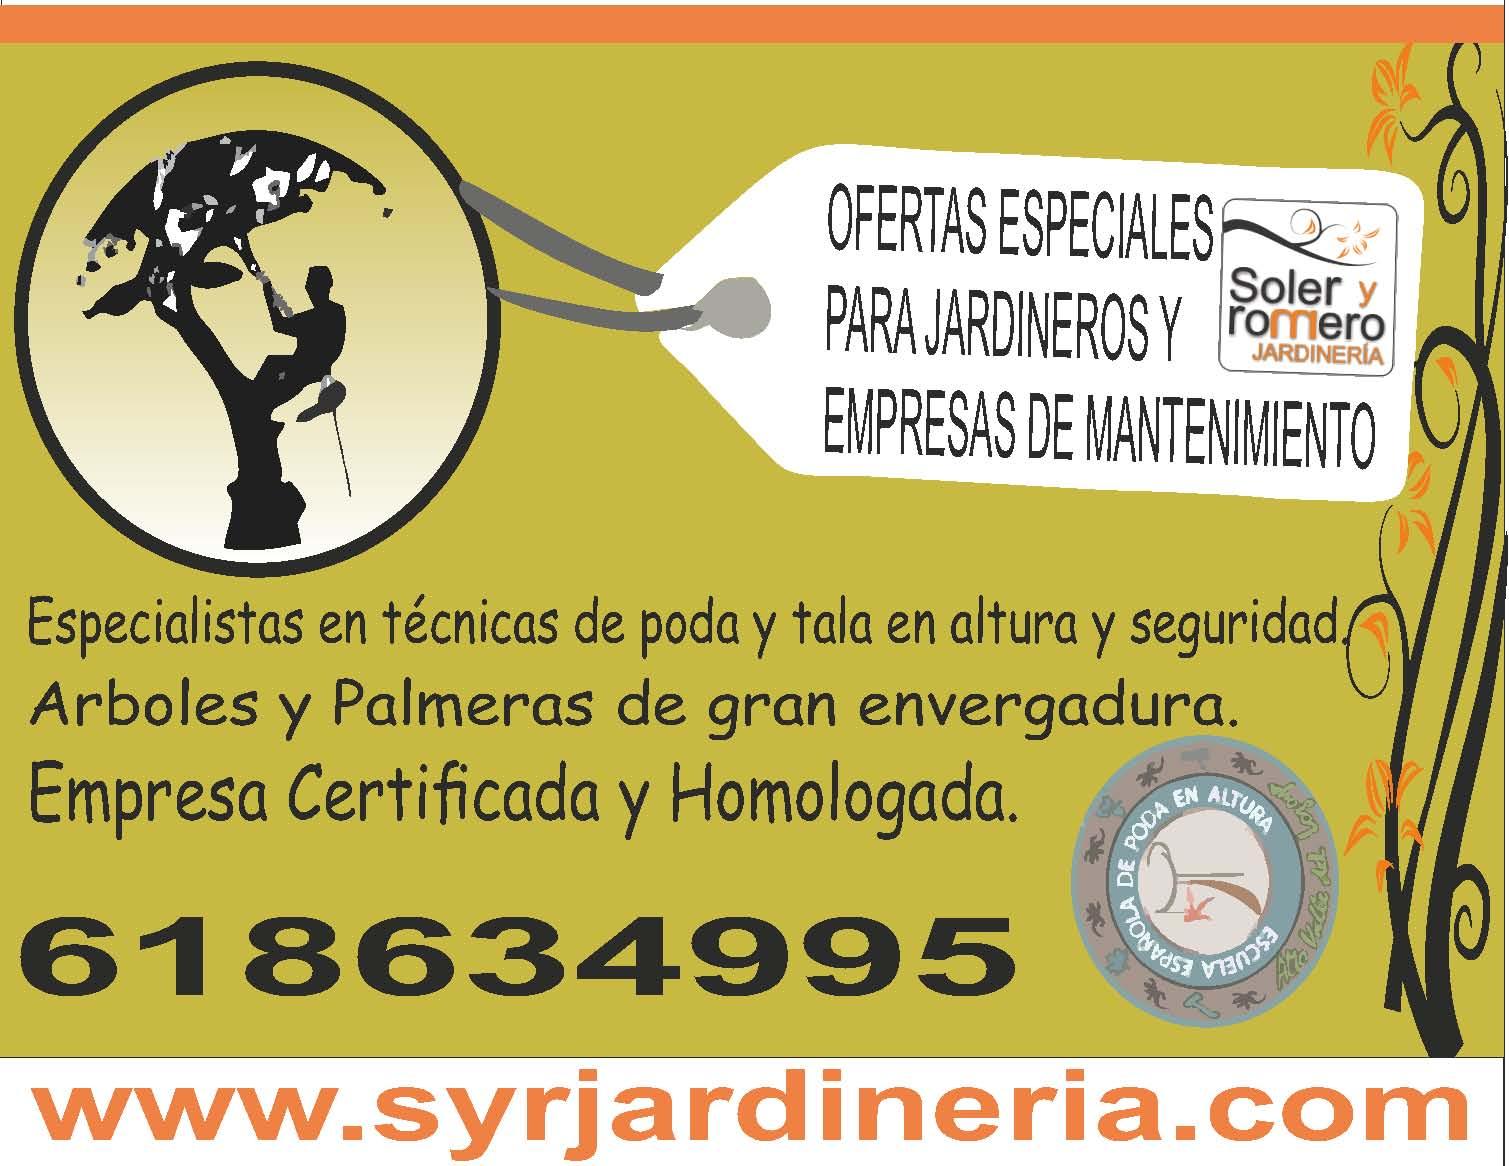 Jardineros y empresas de mantenimiento soler y romero for Empresas de jardineria en girona